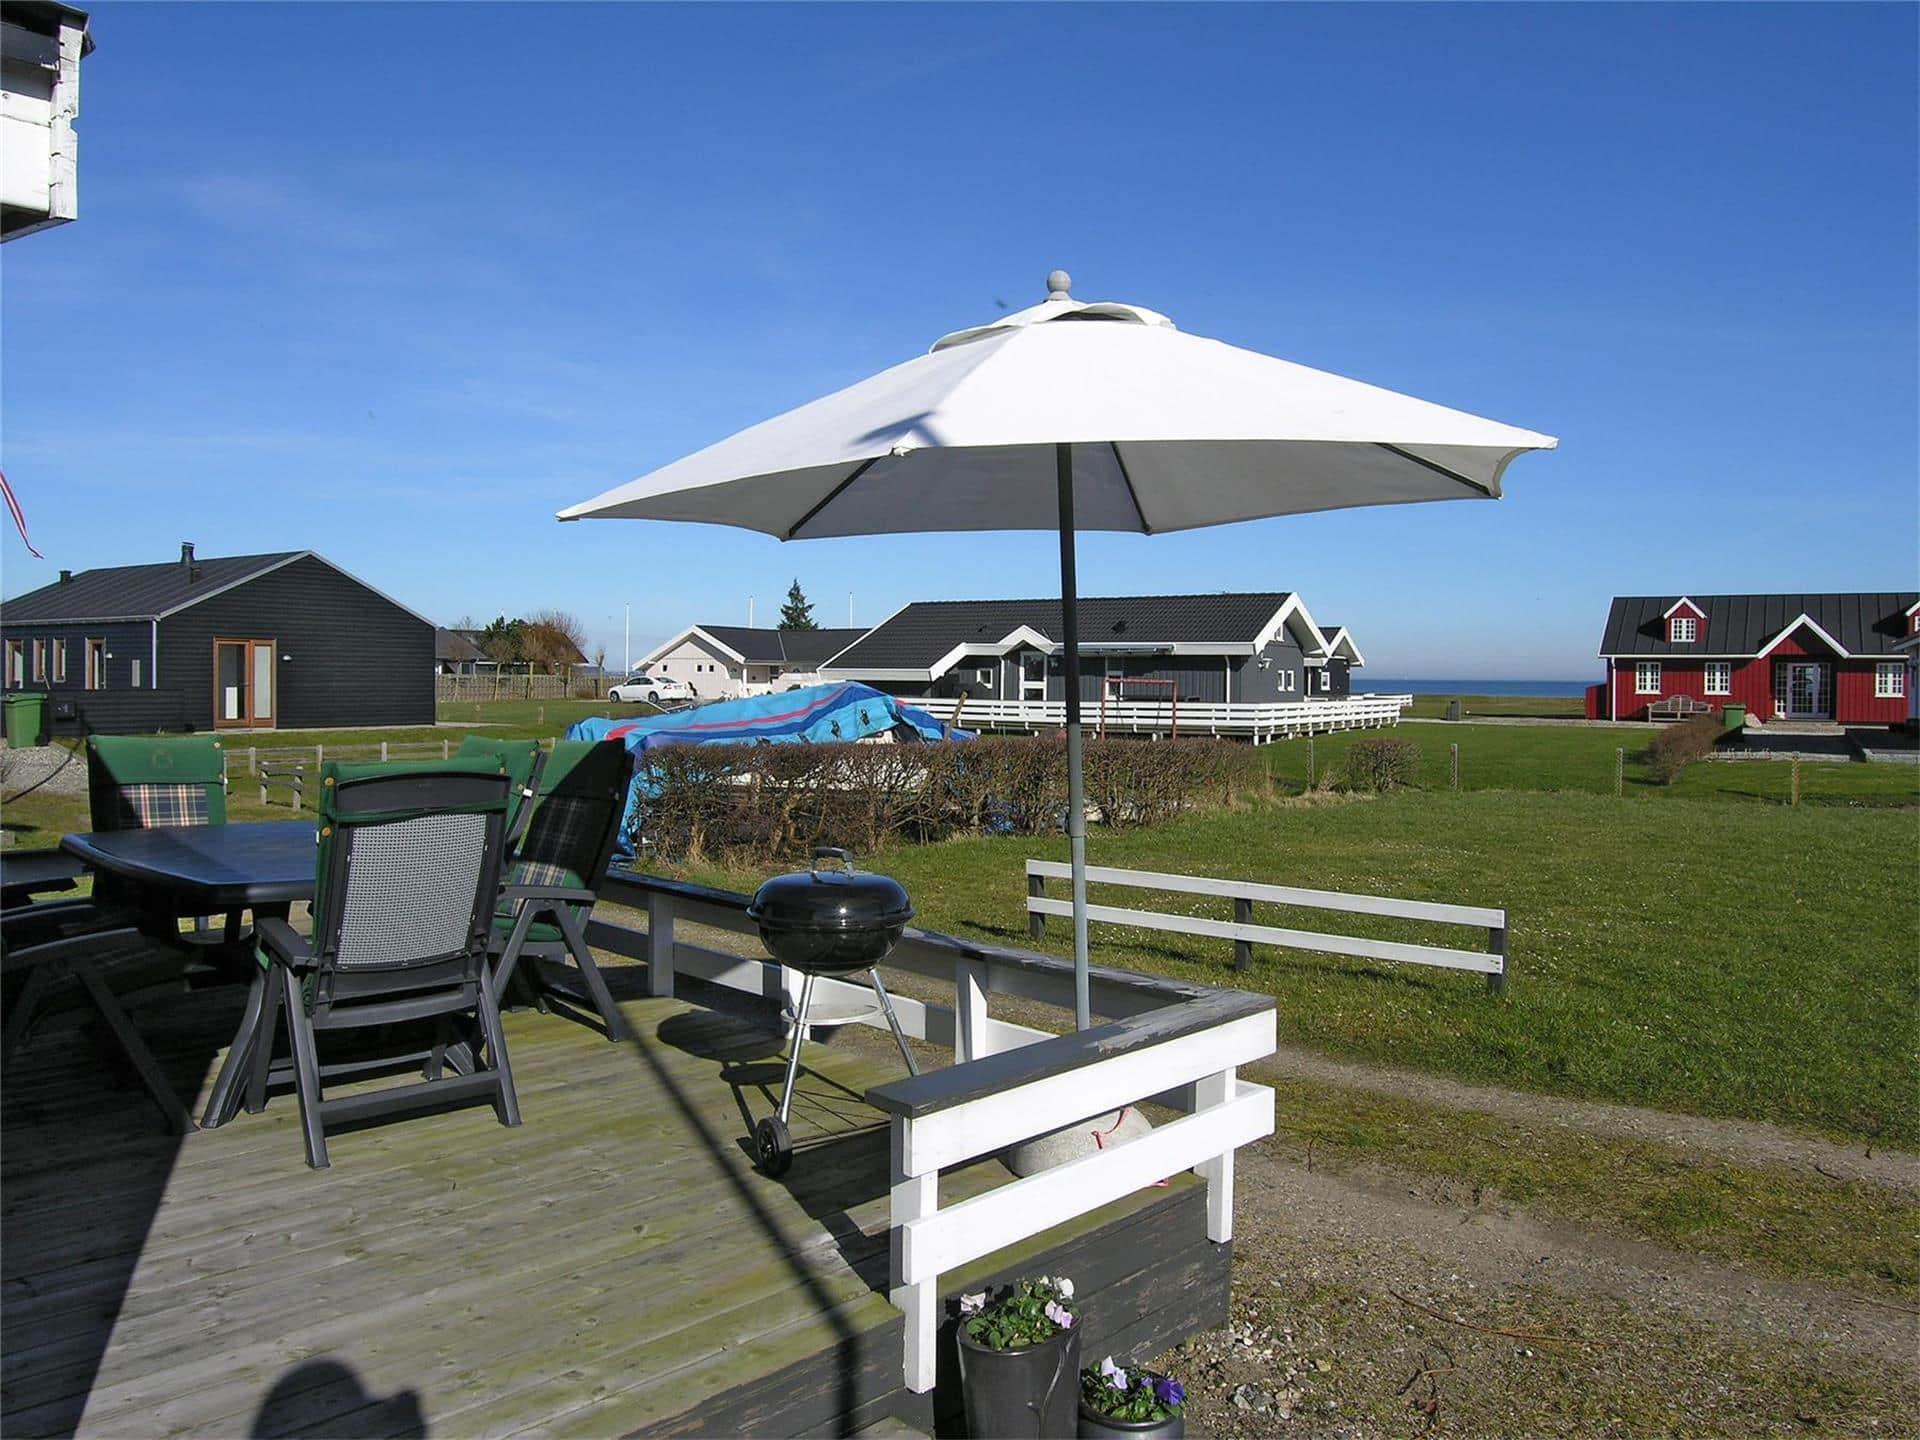 Billede 1-19 Sommerhus 40316, Borgkolonien 3, DK - 7130 Juelsminde